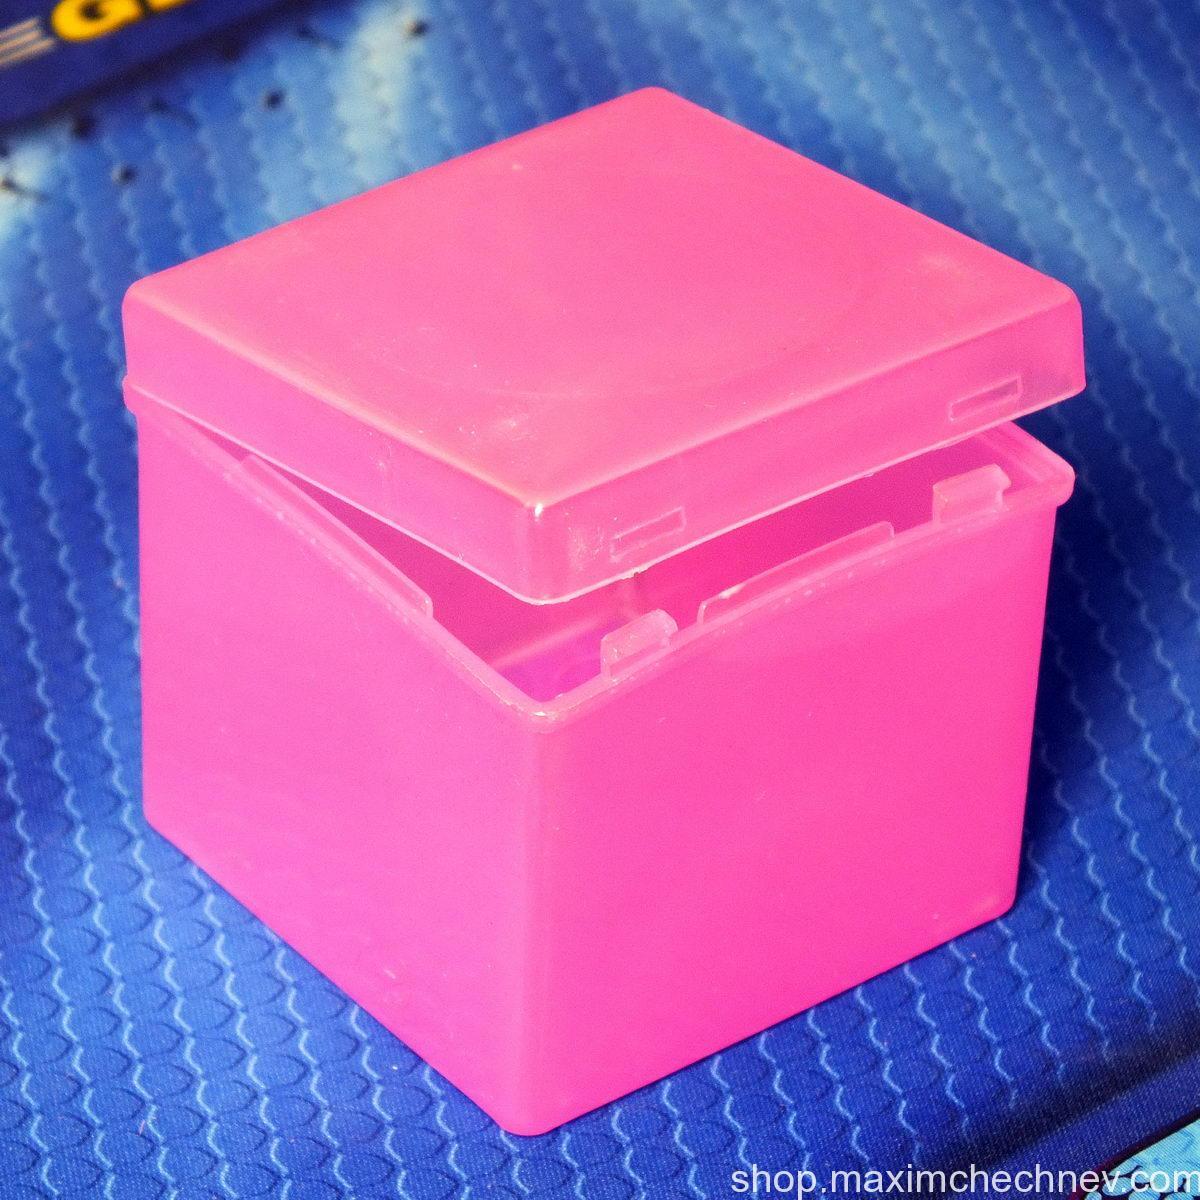 Пластиковый бокс для 3x3